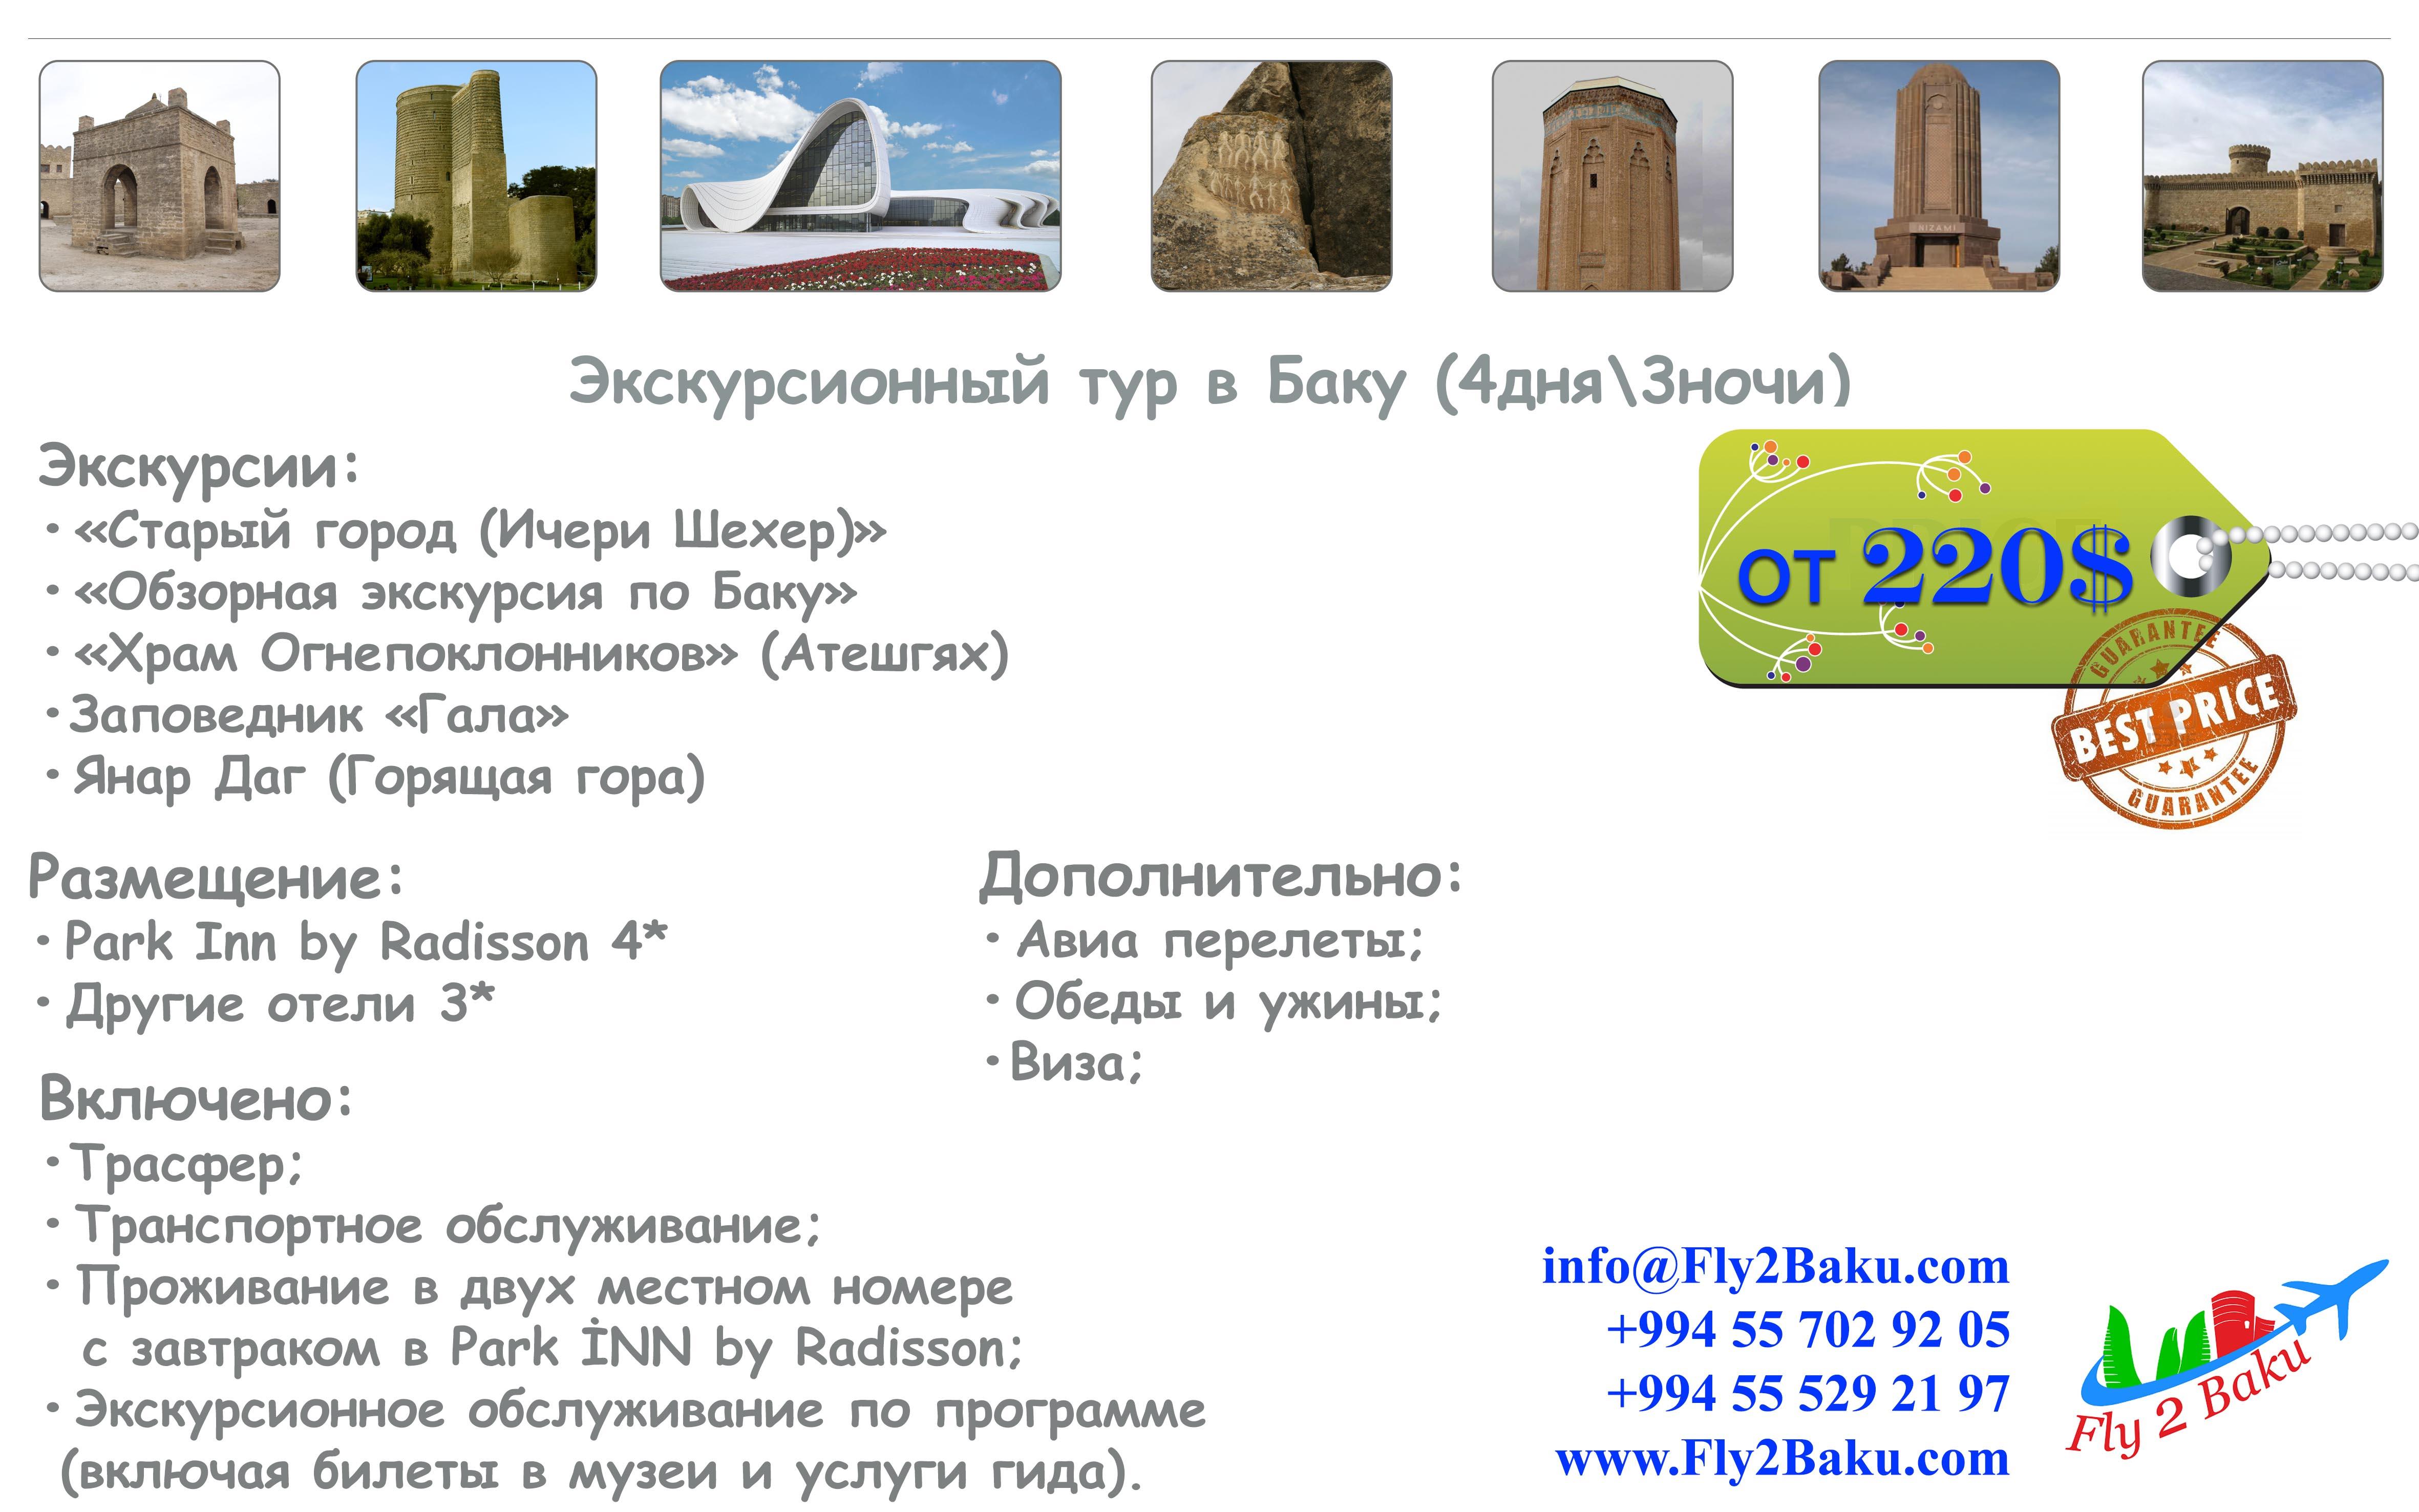 Экскурсионньıй тур в Баку (4дня\3ночи)